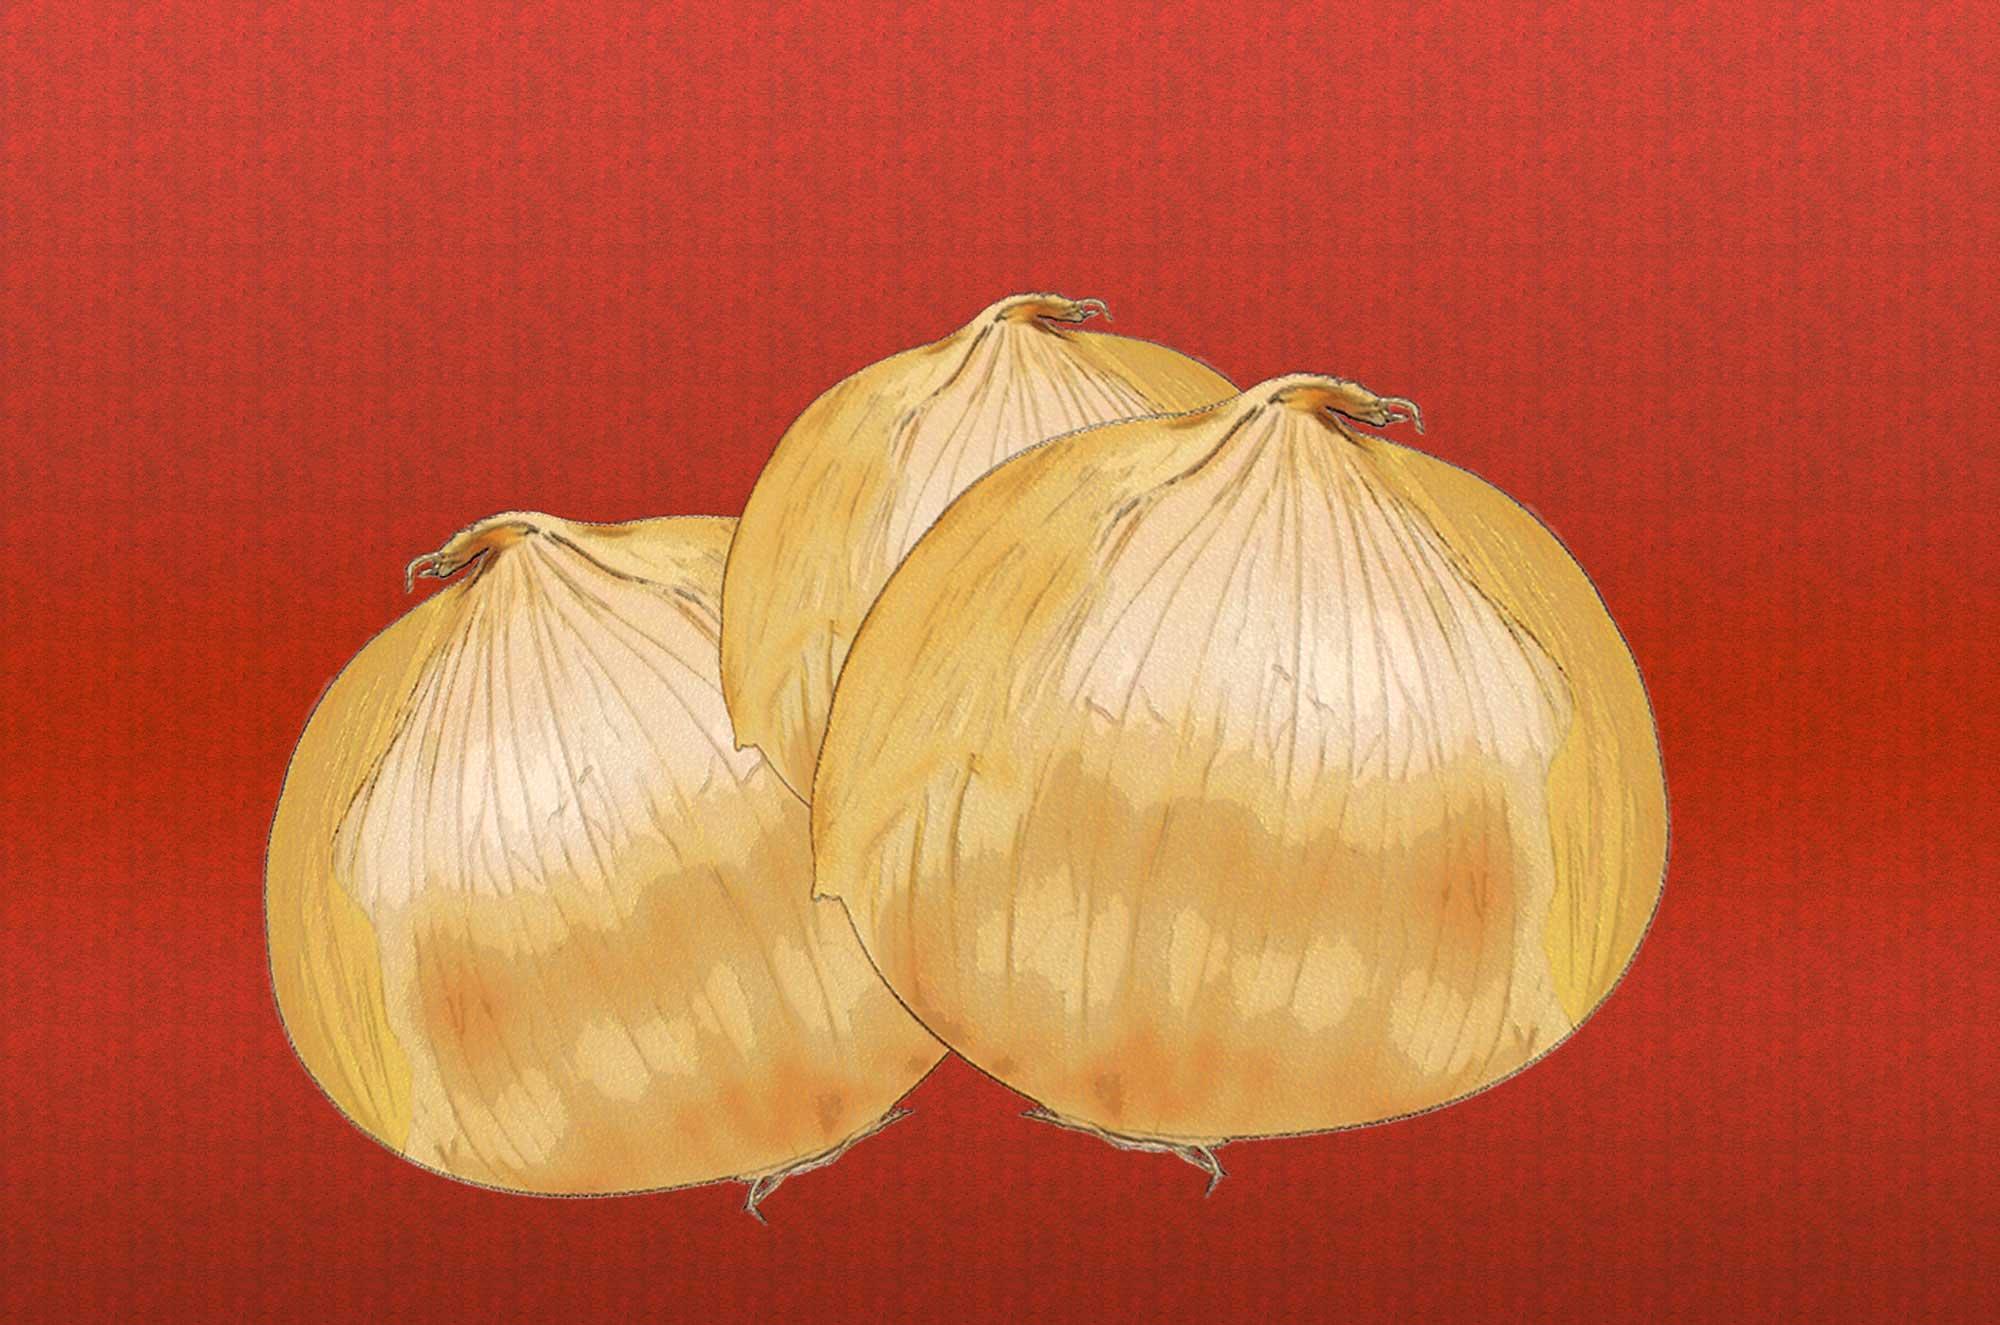 玉ねぎのイラスト - 可愛いキャラとリアル・白黒のフリー素材